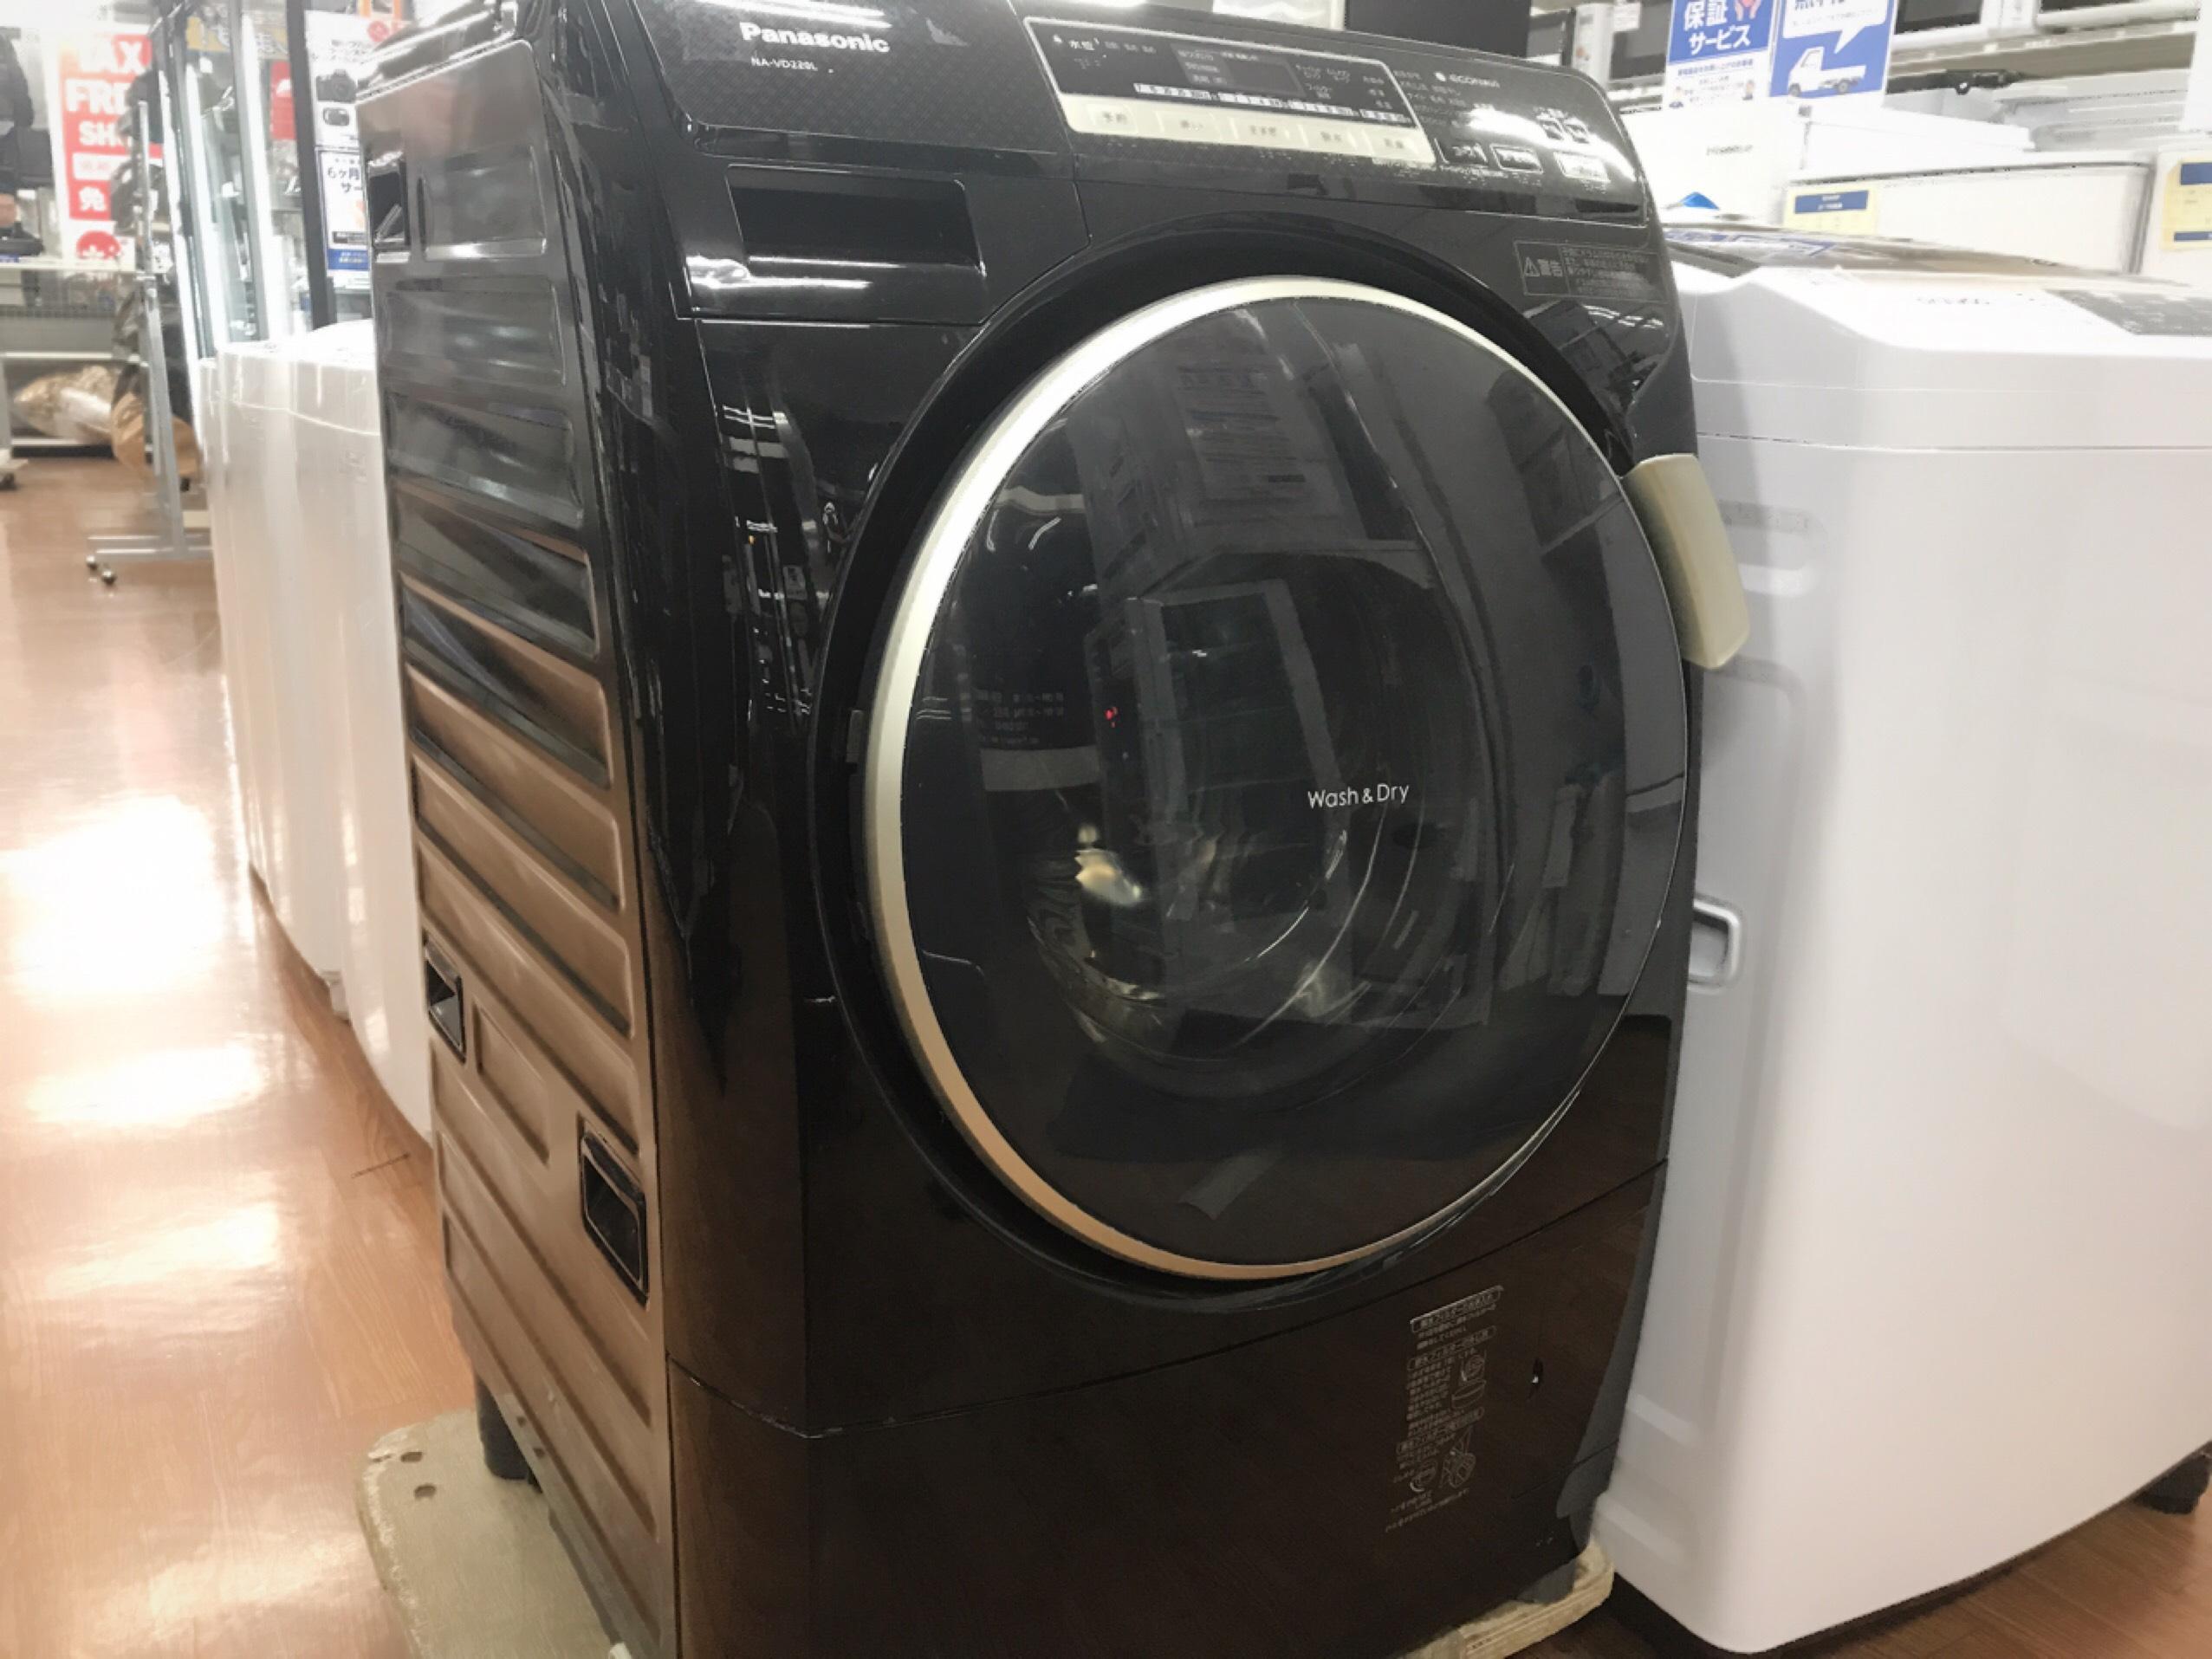 ドラム 機 パナソニック 式 洗濯